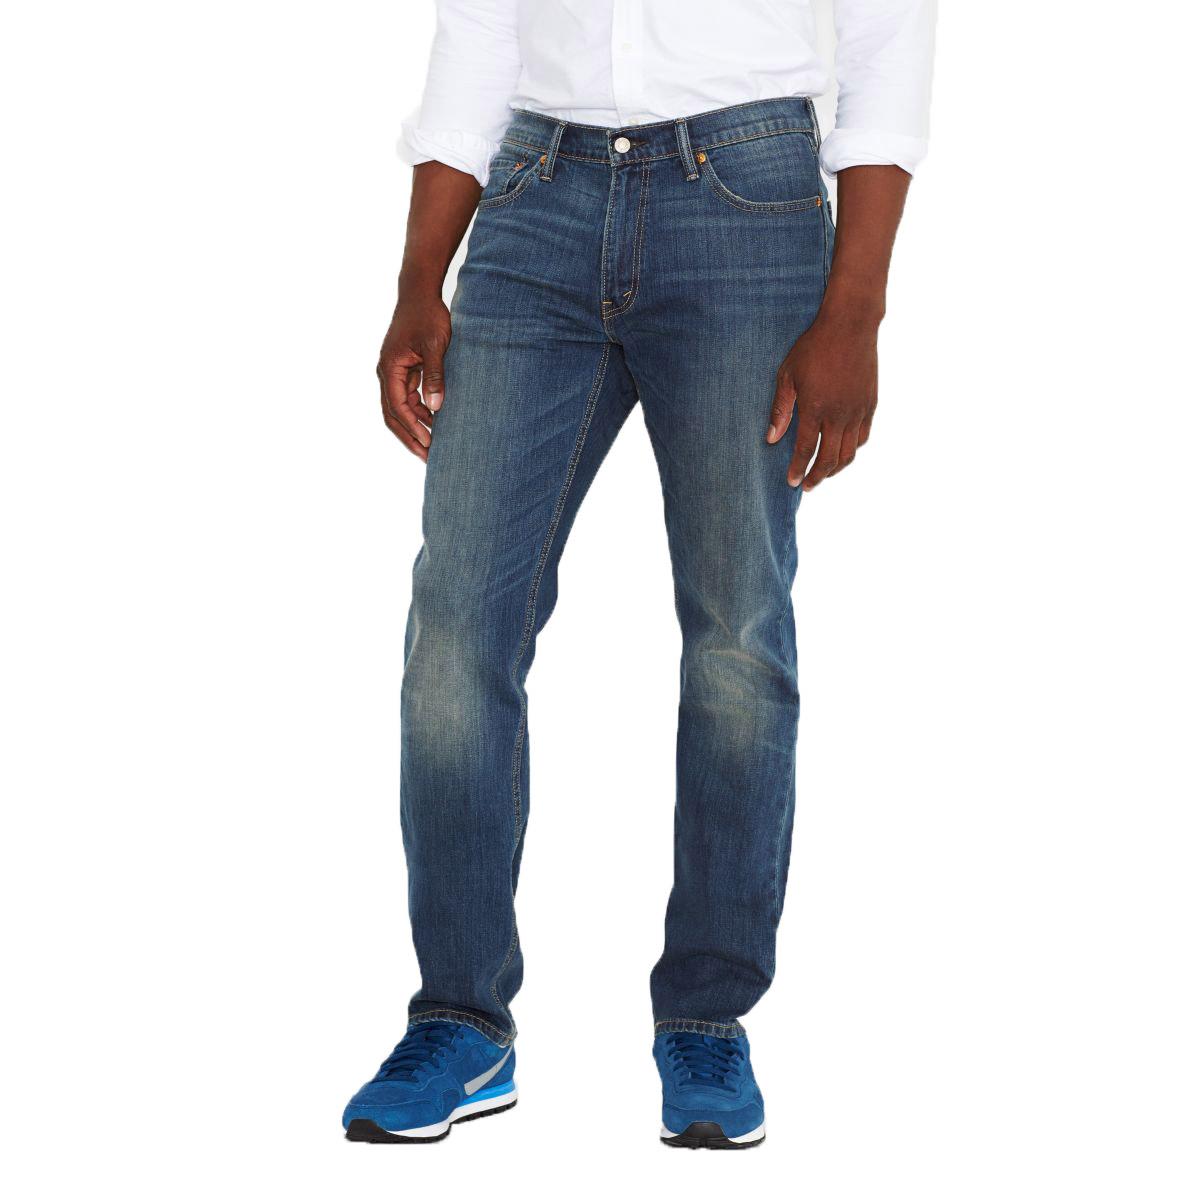 Levi's Men's 541 Athletic Fit Jeans - Blue, 34/34